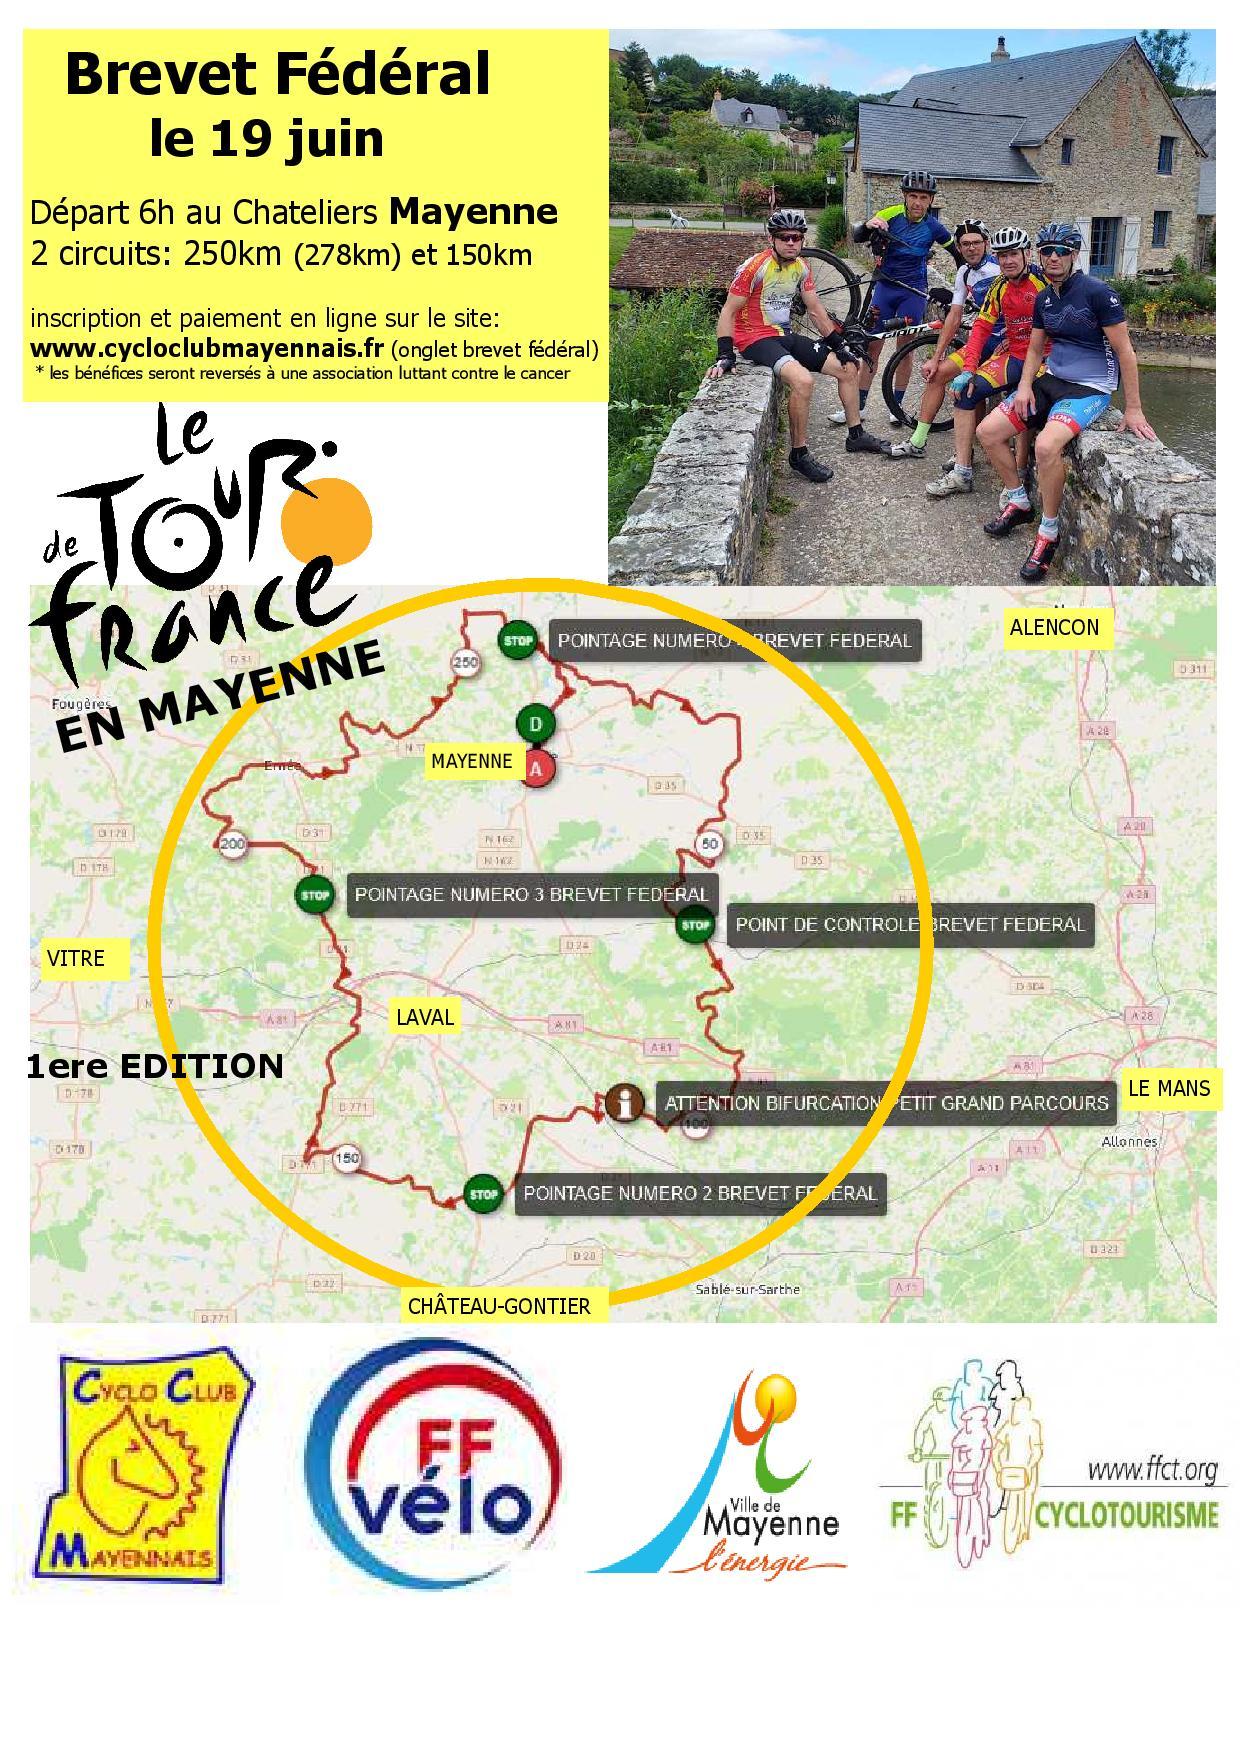 """Brevet fédéral """"UN TOUR DE FRANCE EN MAYENNE"""" Brevet-F%C3%A9d%C3%A9ral-19-juin-2021-page-001"""